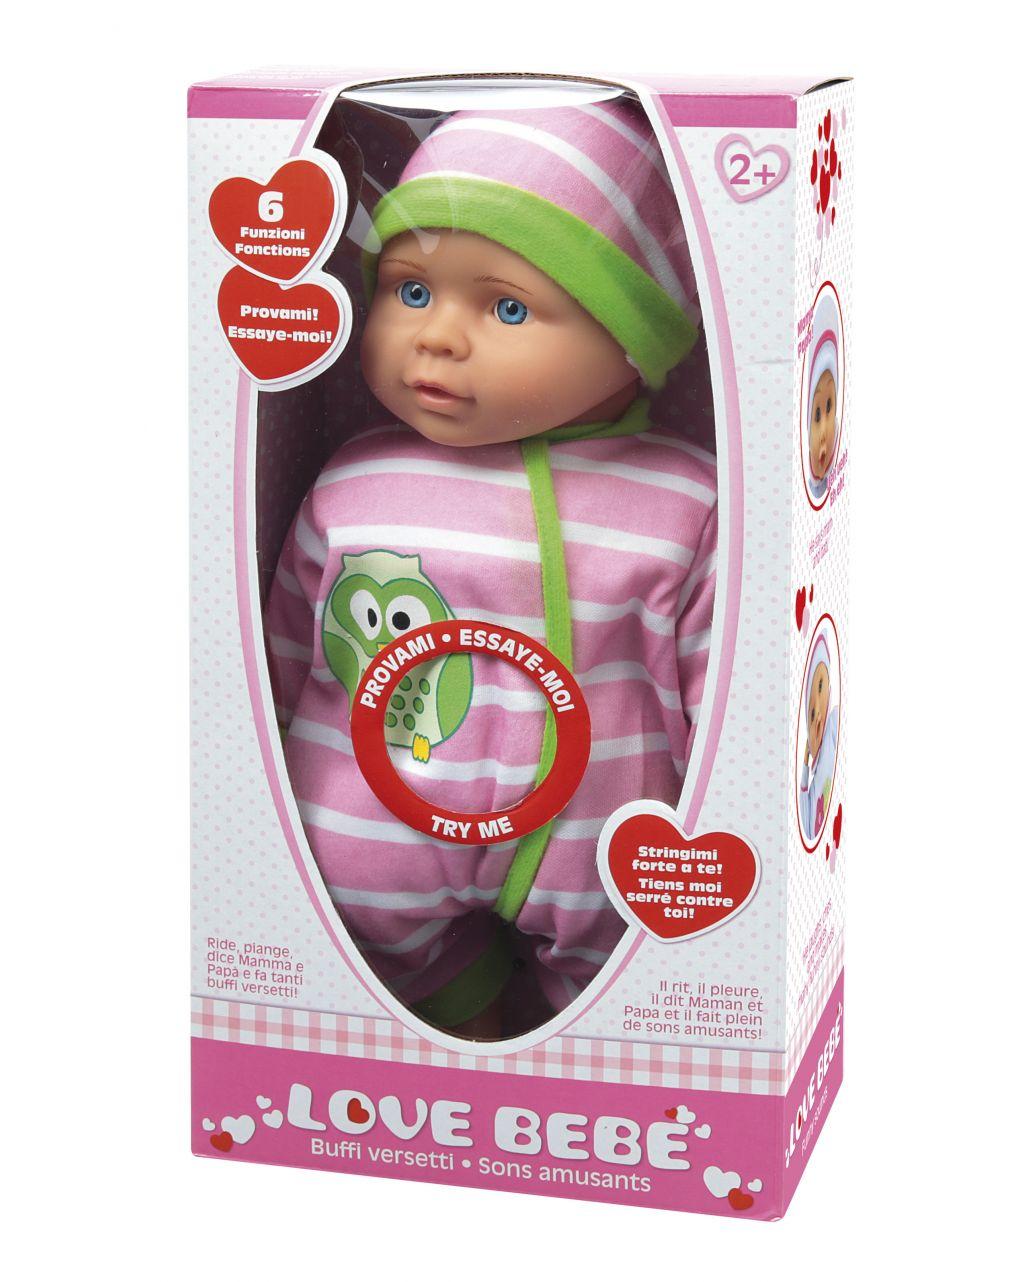 Love bebe' - bebè fa versetti buffi - Love Bebè